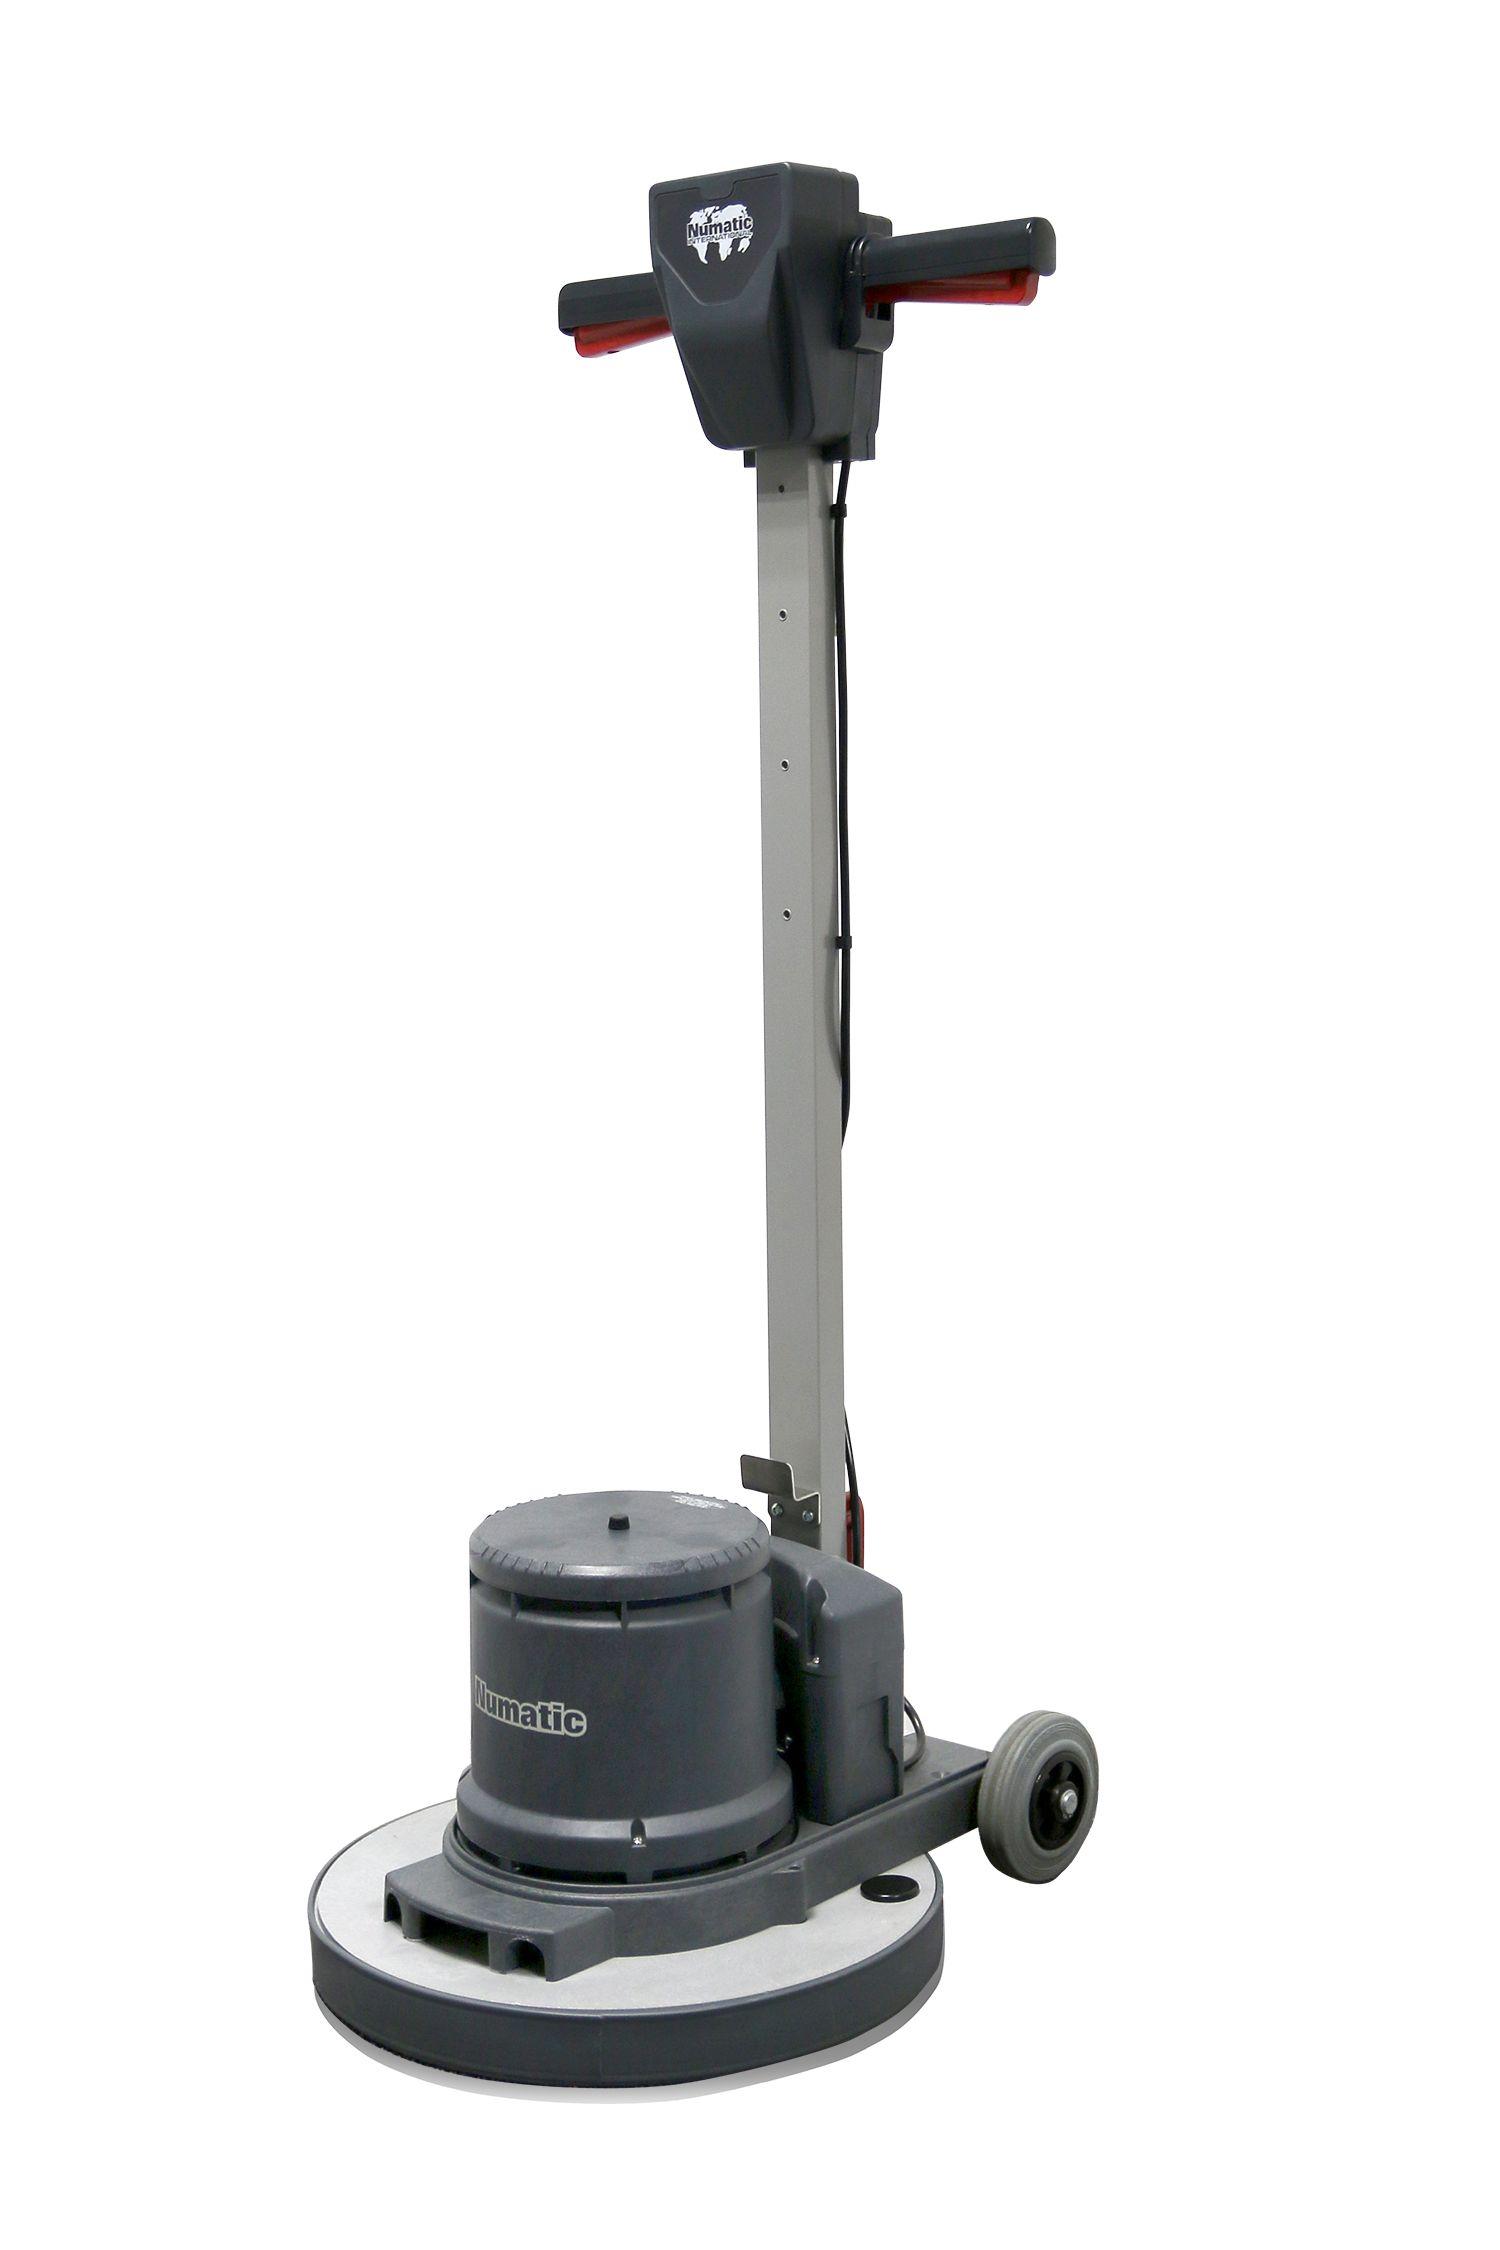 Eenschijfsmachine HFM1515G graphite voor schrobben (excl. toebehoren)